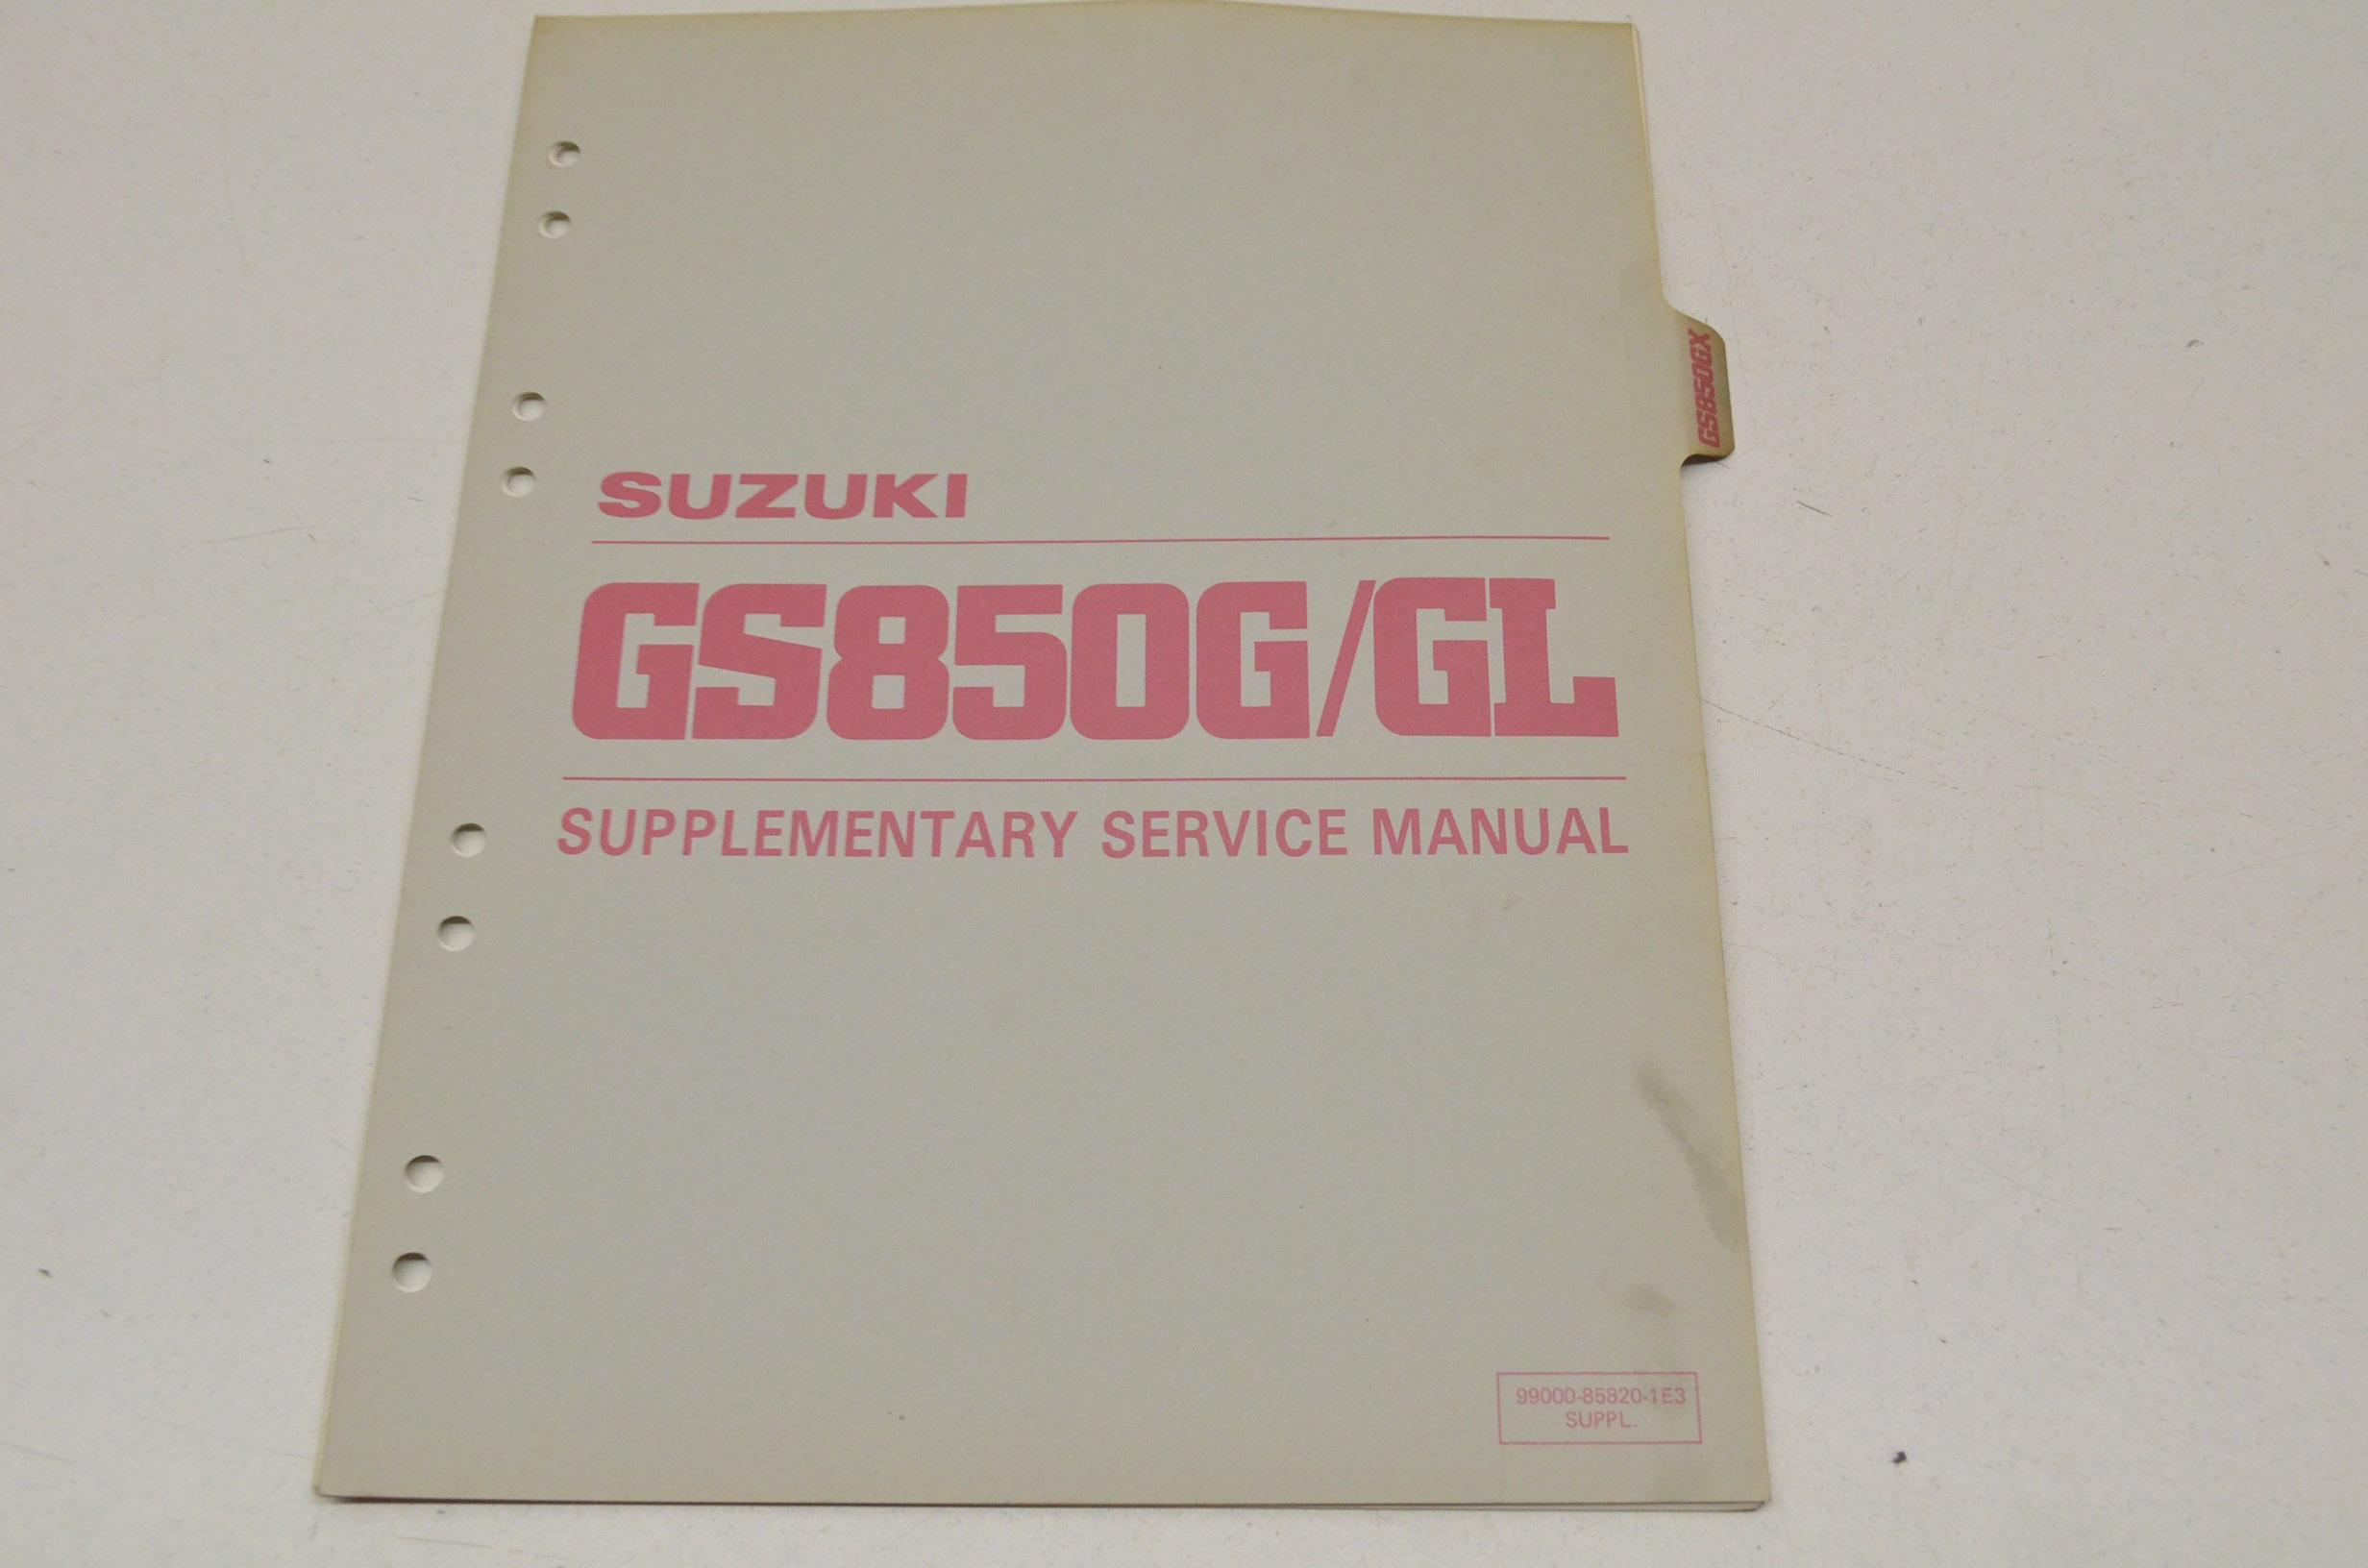 suzuki gt750 engine Array - suzuki 99000 85820 1e3 99000 85820 1e3 suppl  gs850g gl rh walmart com